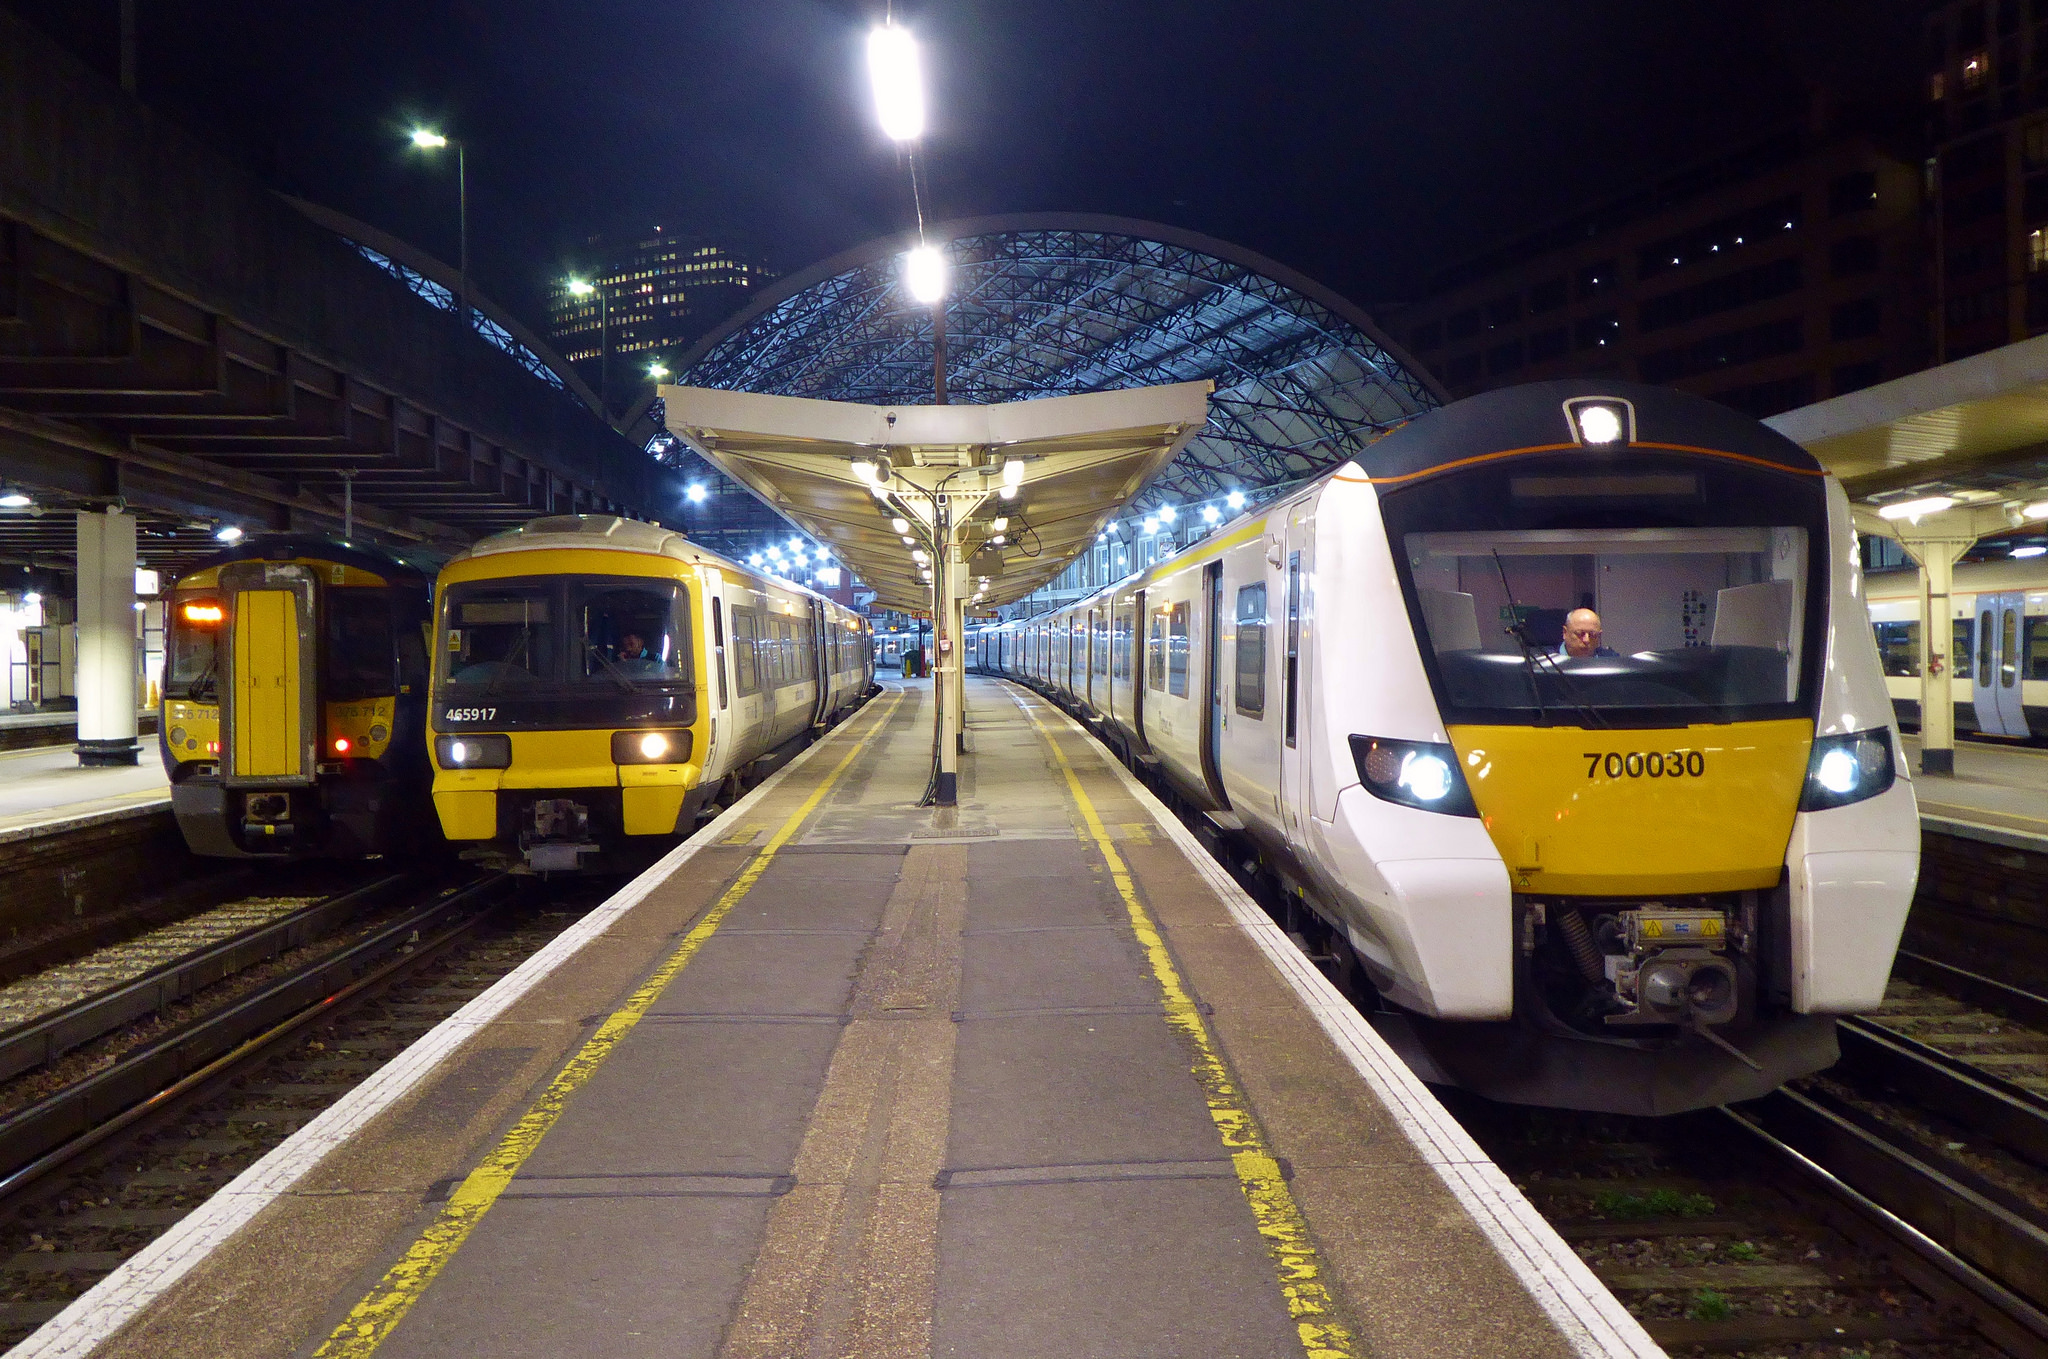 La Demande De Matériel Roulant Explose, Et Le Parc Roulant Se Modernise,  Comme On Le Voit à Victoria Station (photo Train Photos Via Licence Flickr)